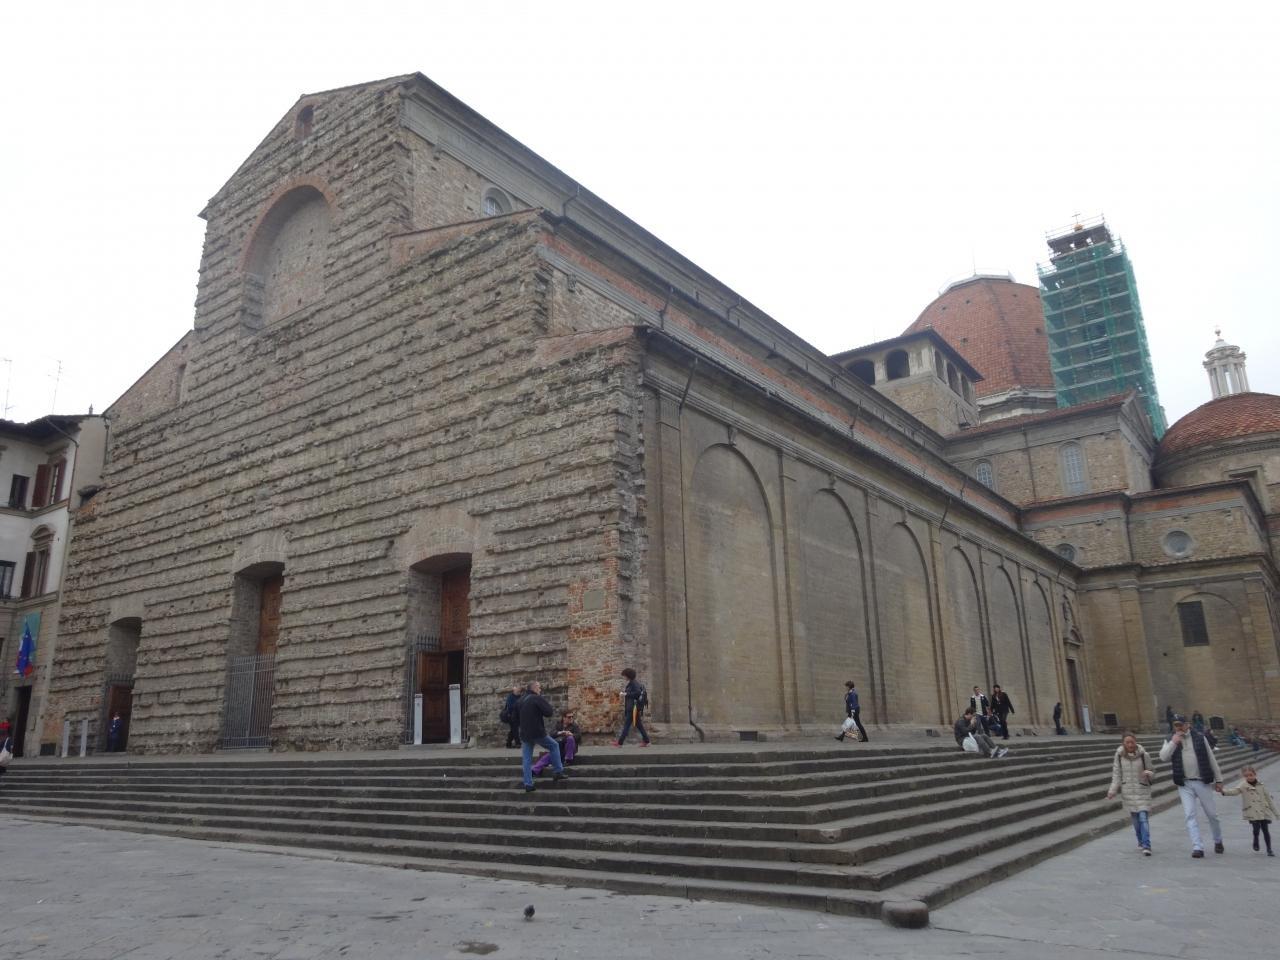 サンタ・マリア・デル・フィオーレ大聖堂の画像 p1_32